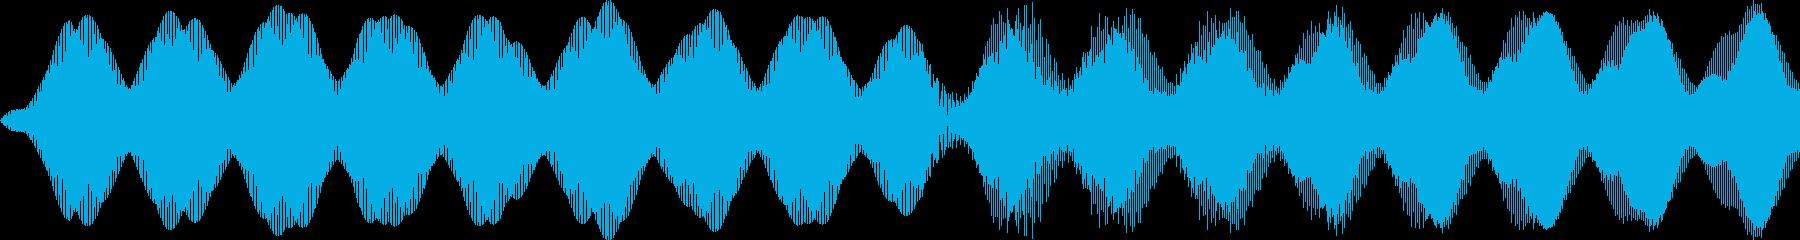 救急車/ピーポー/ループの再生済みの波形